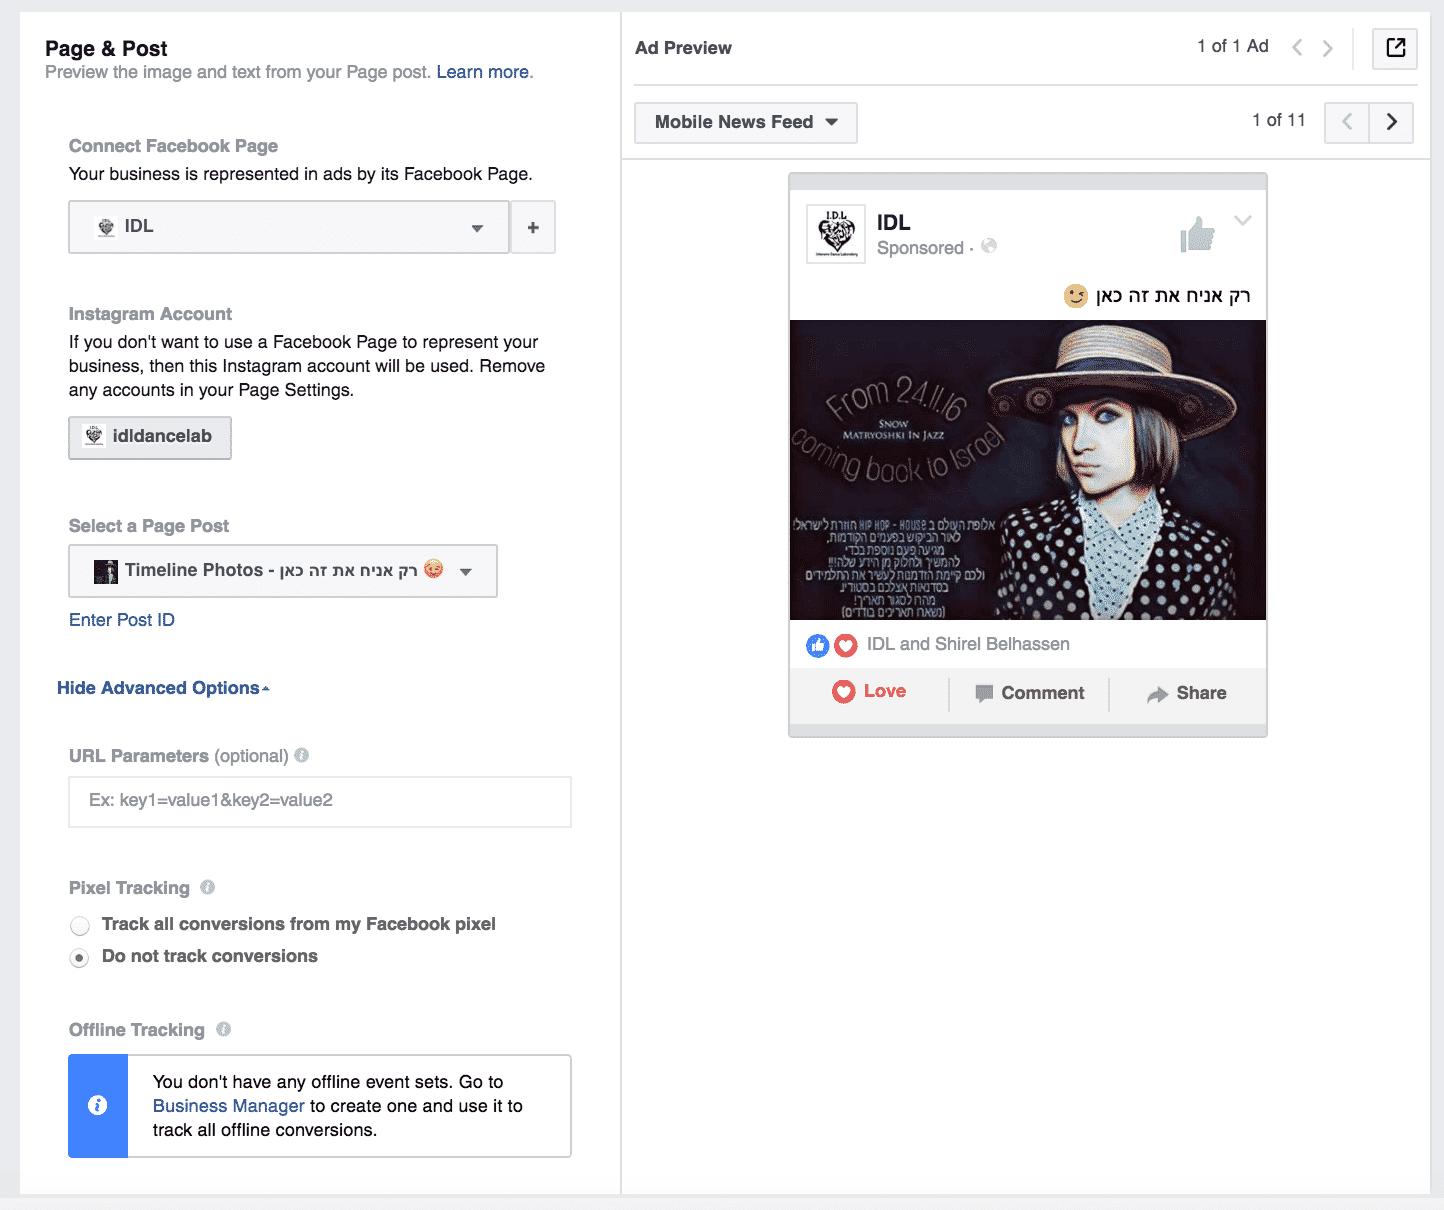 מדריך לפרסום בפייסבוק